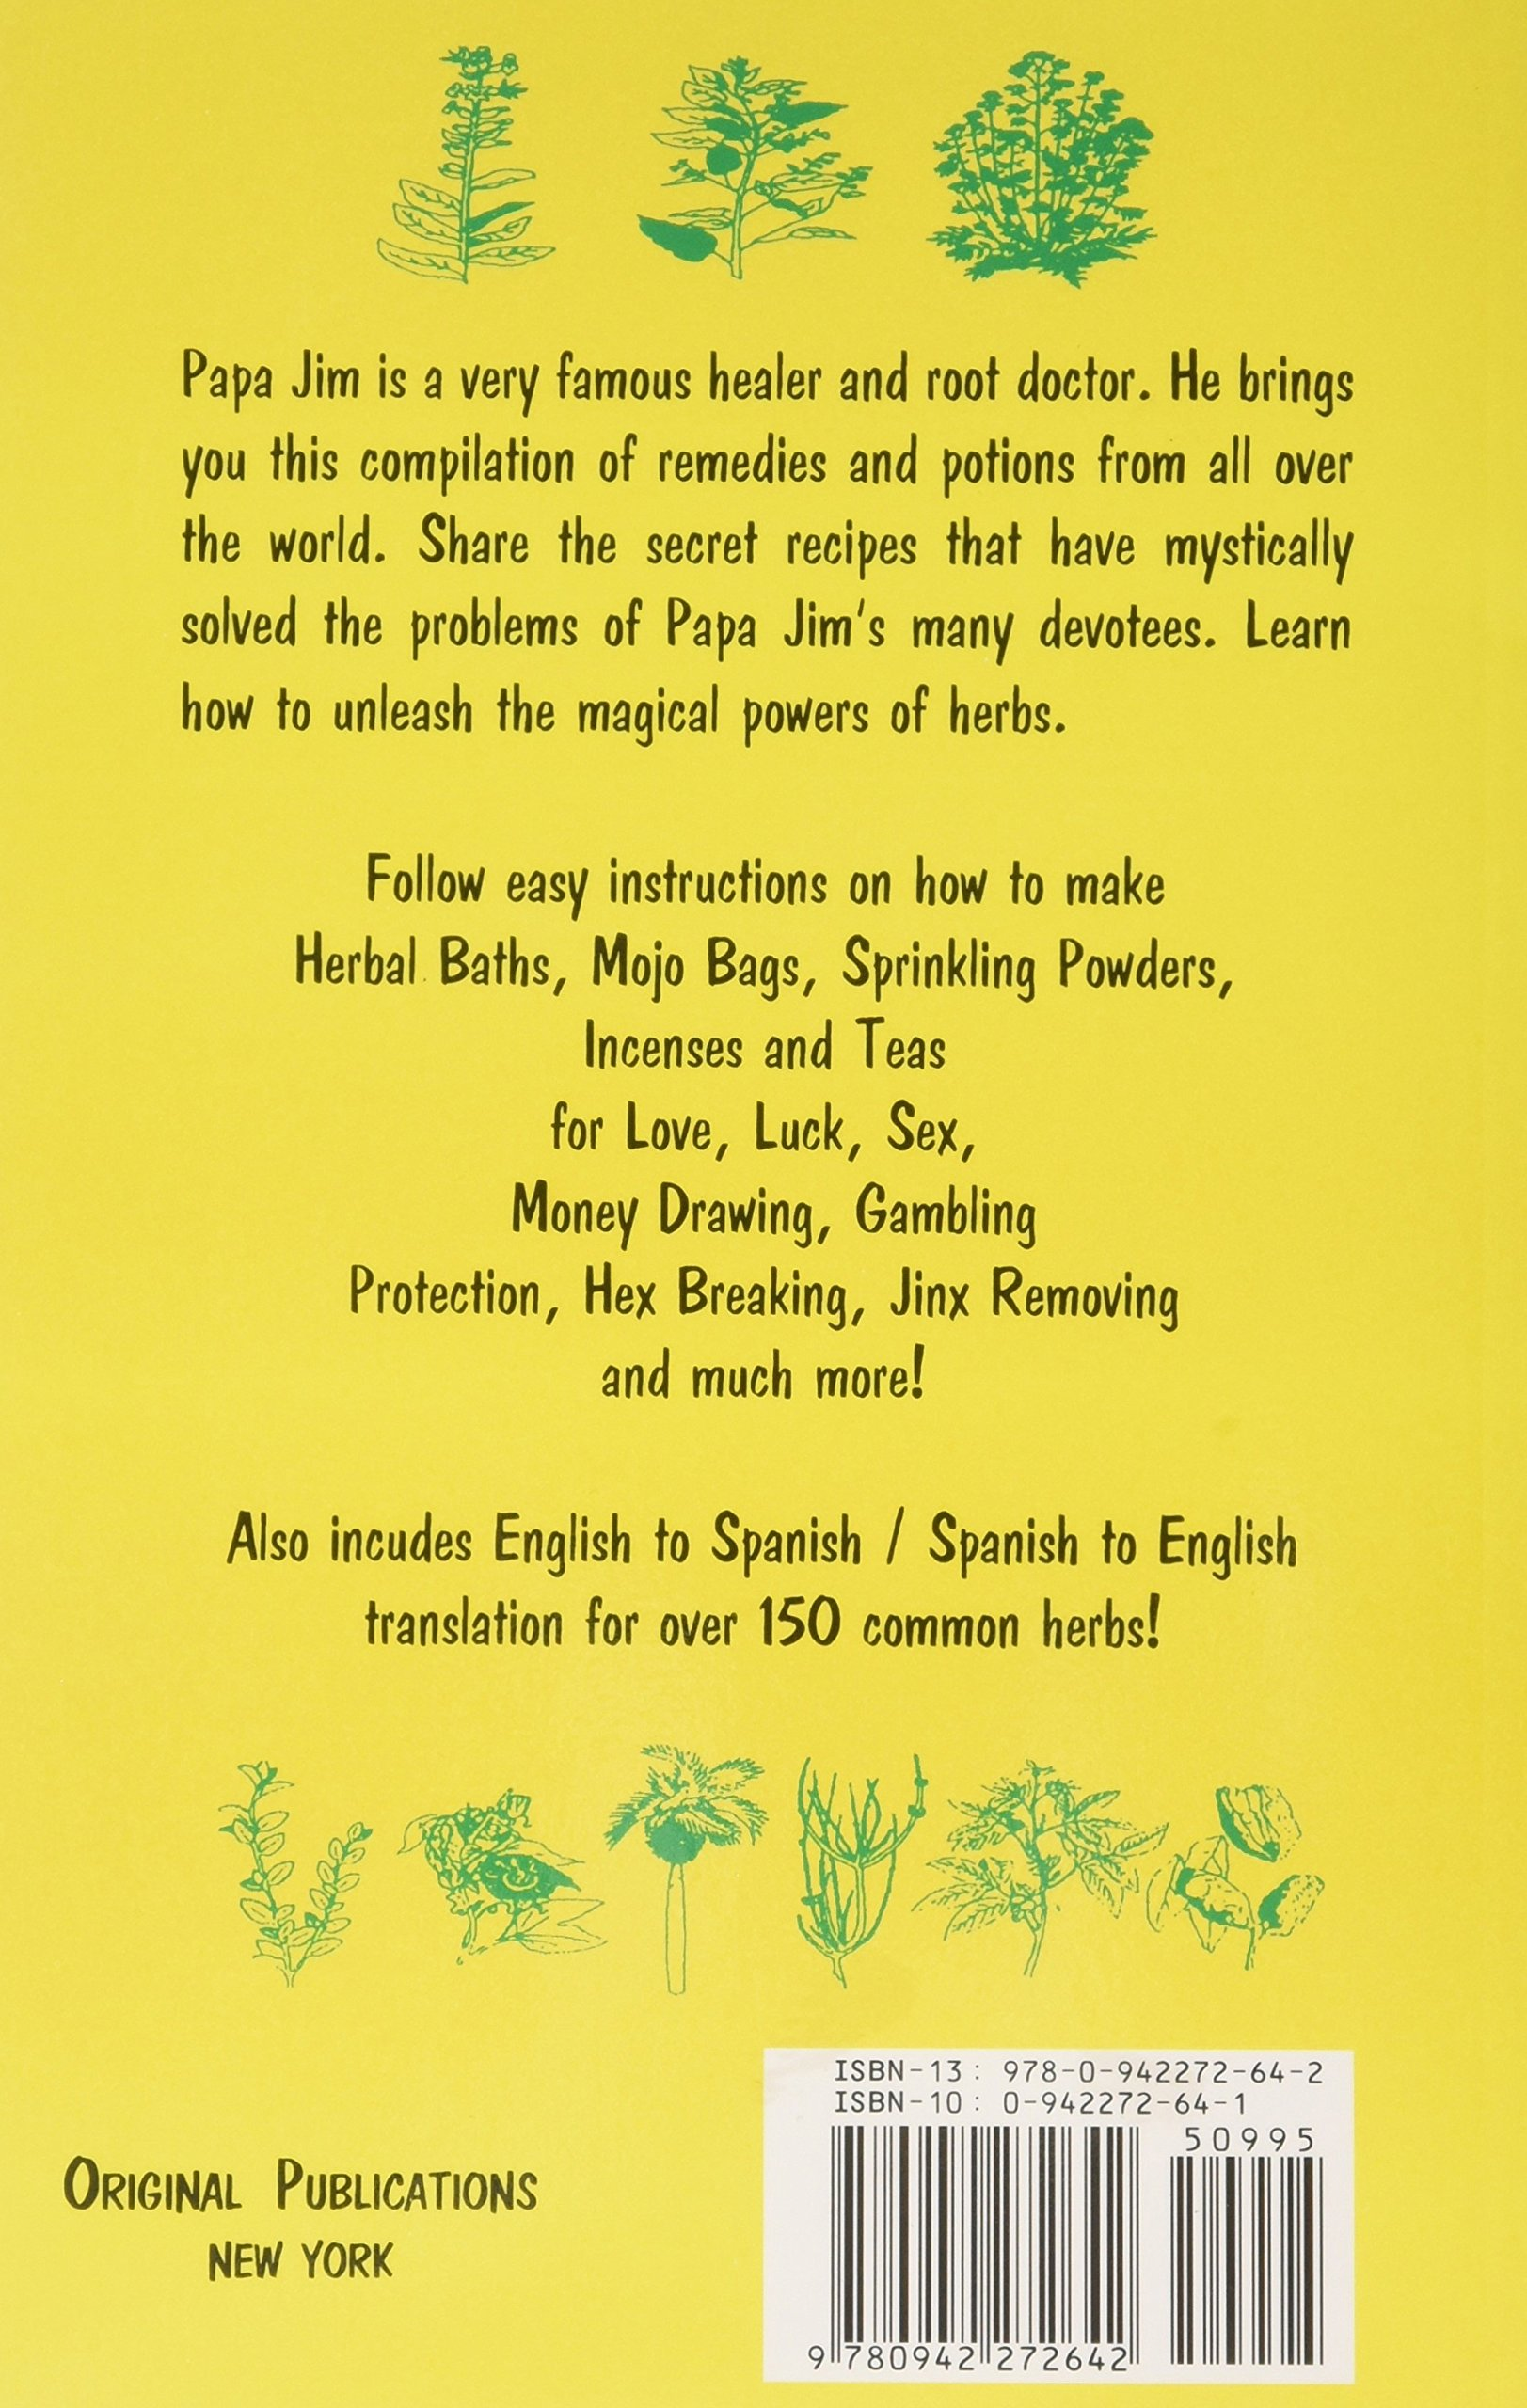 Papa Jim's Herbal Magic Workbook: Original Publications